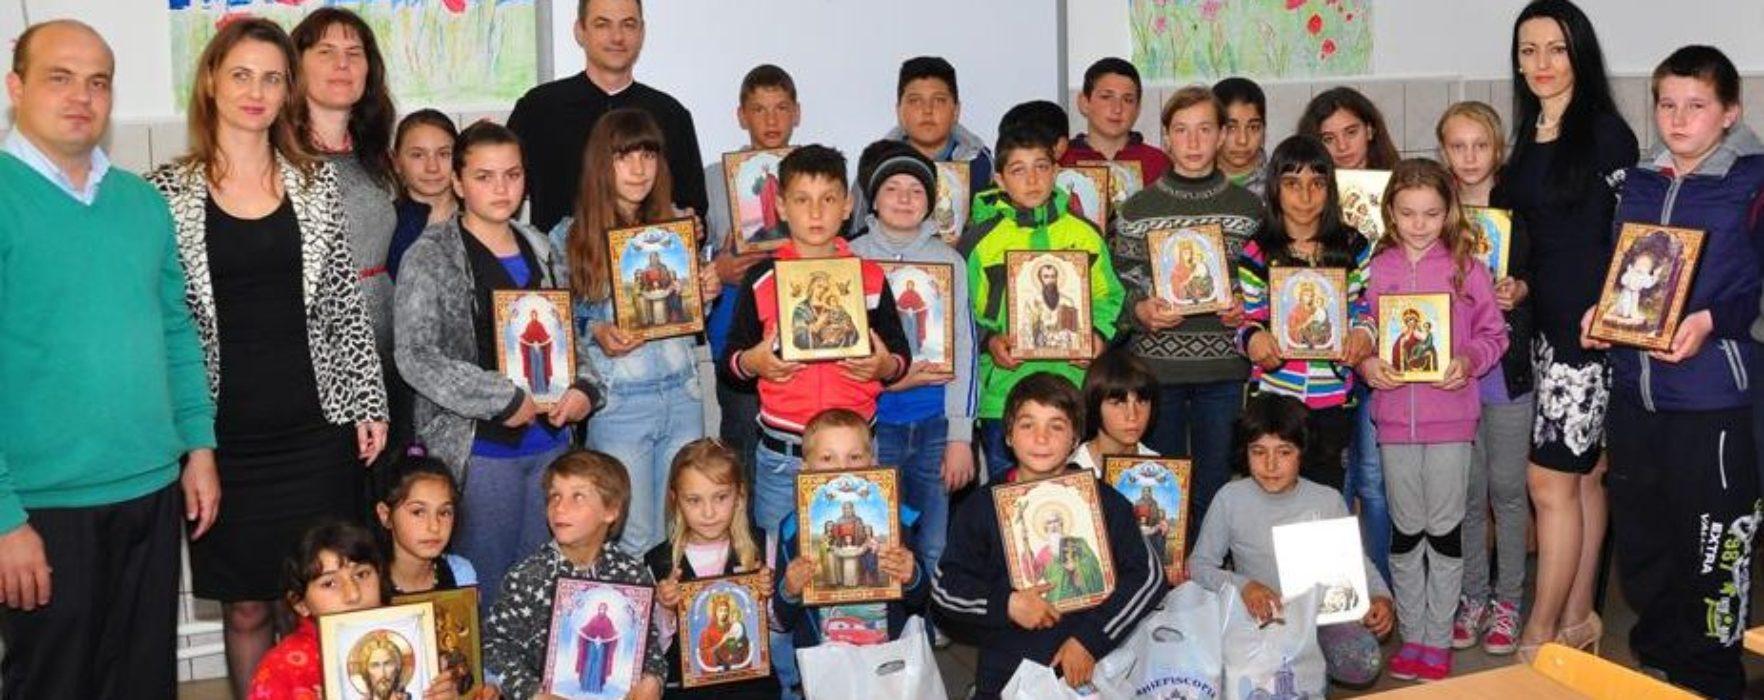 """Arhiepiscopia Târgovişte: Daruri pentru copii ai Şcolii """"Pictor Nicolae Grigorescu"""" din Titu"""